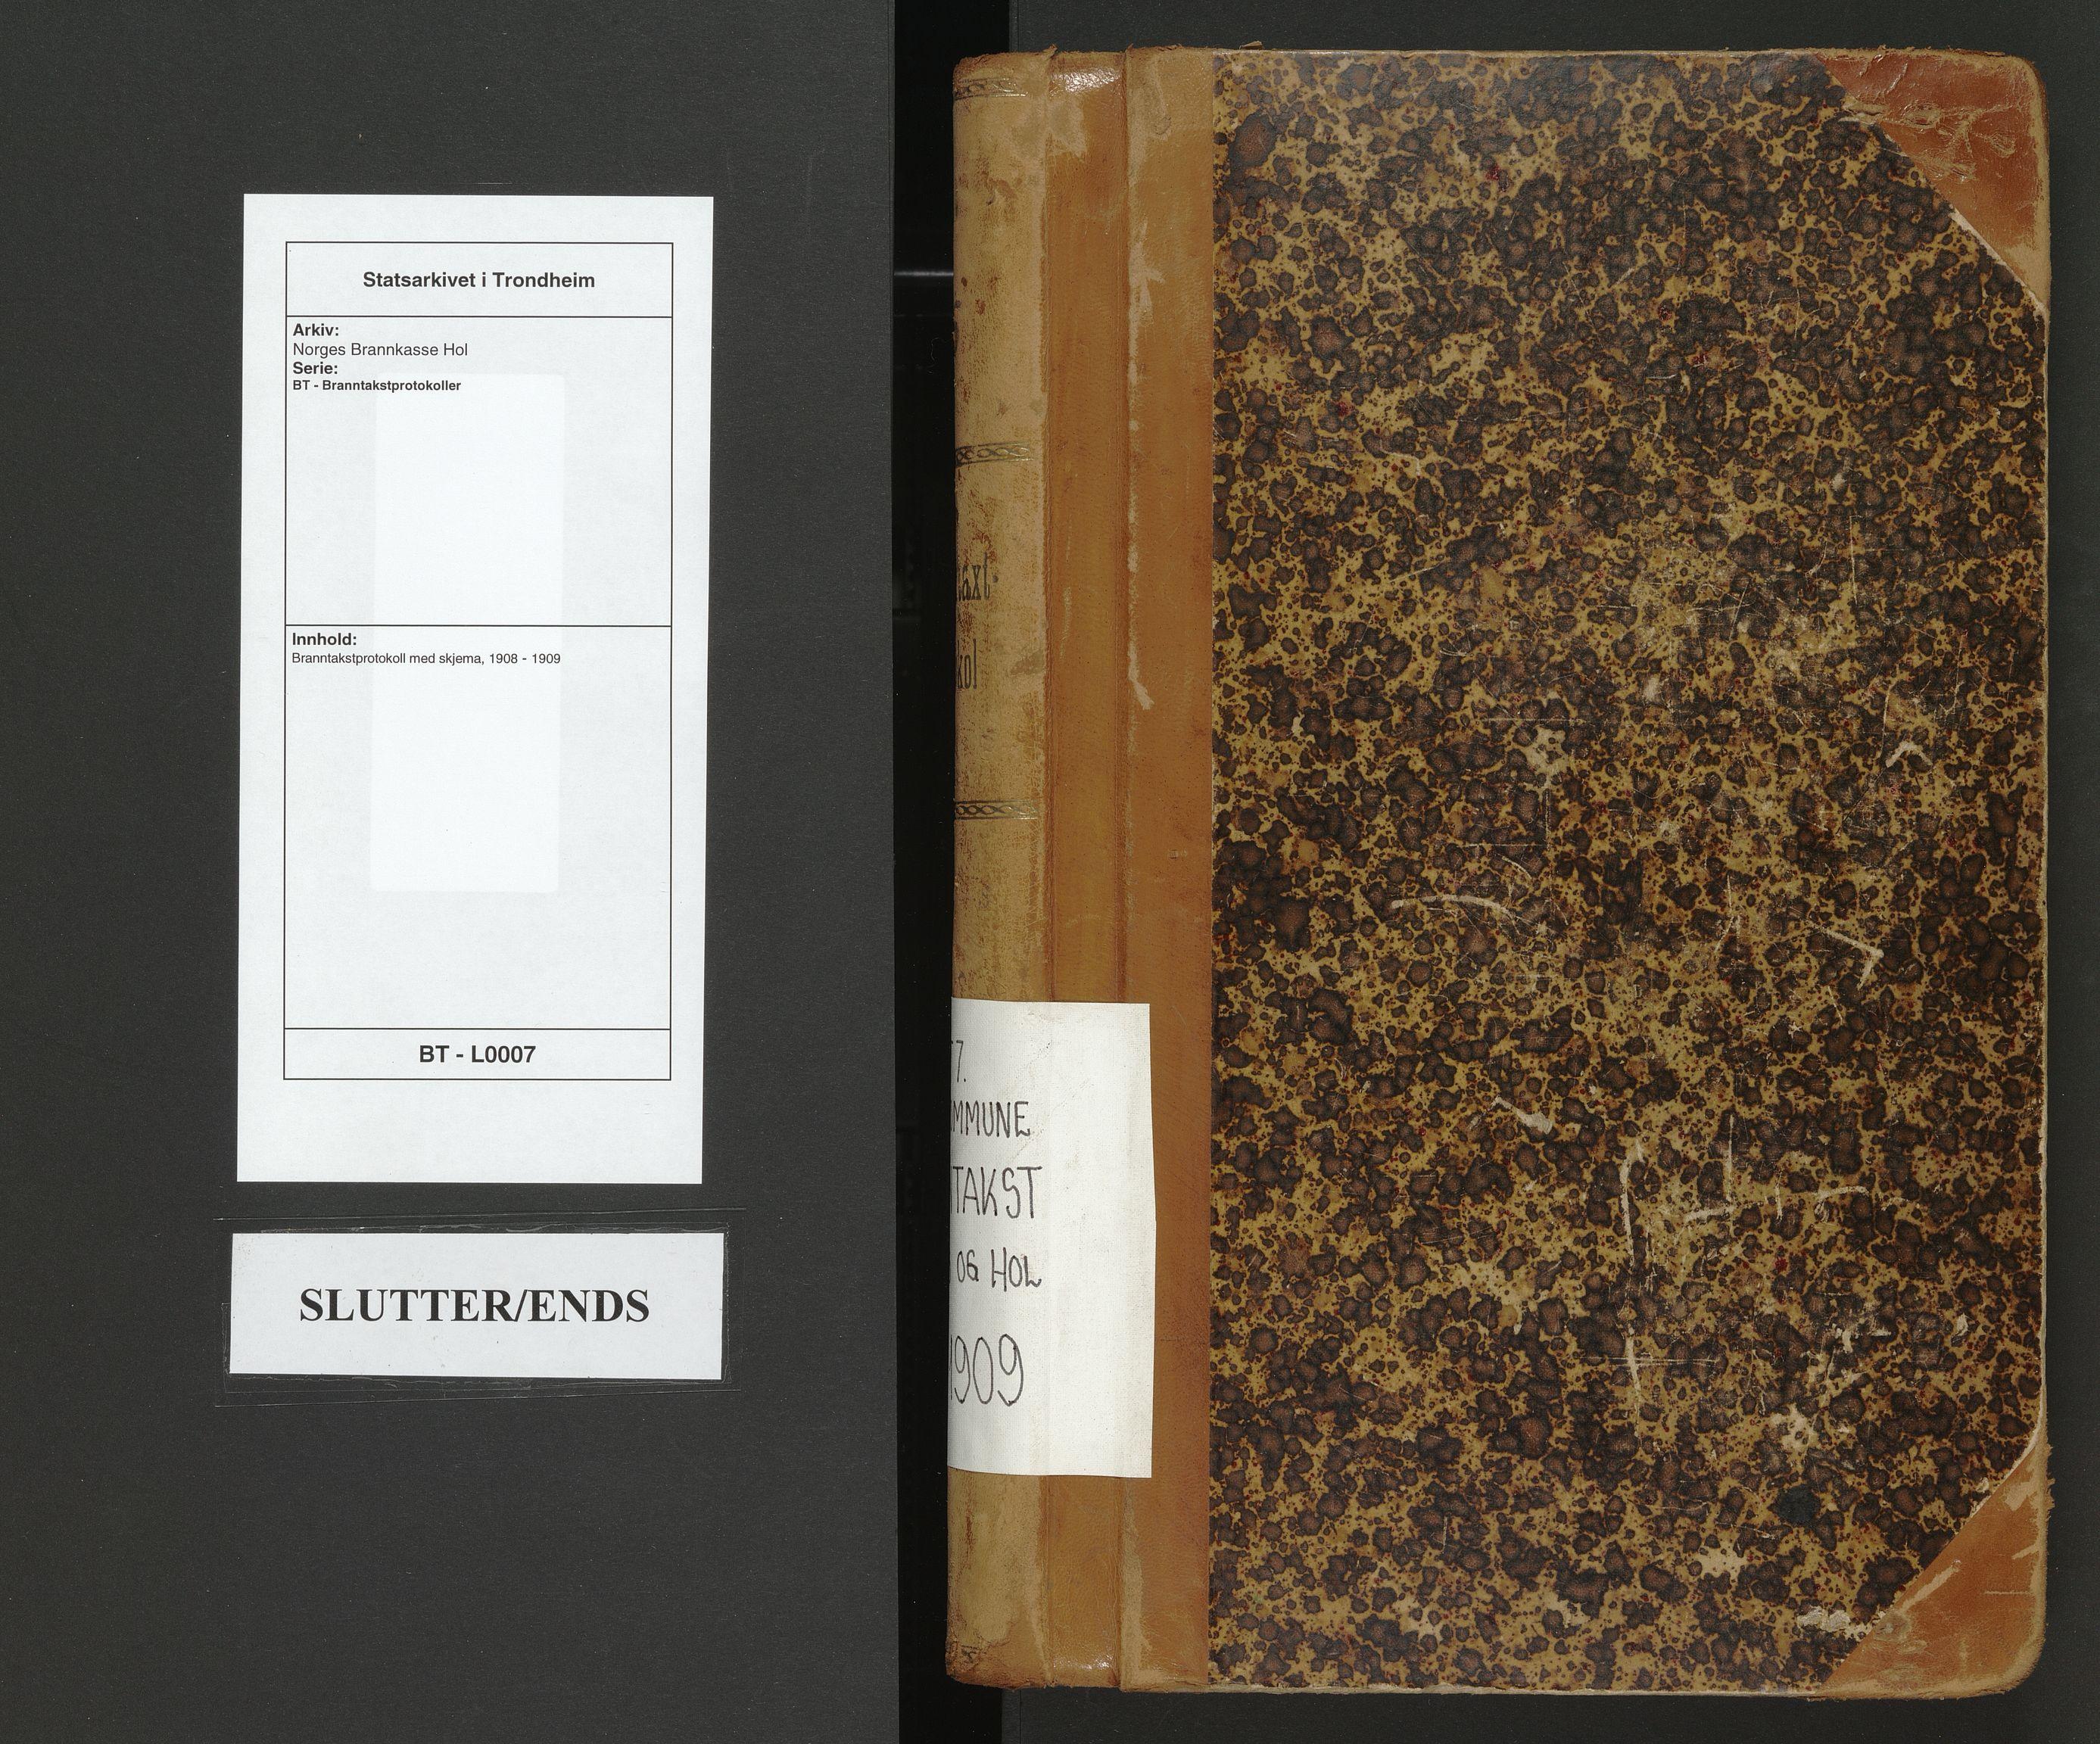 SAT, Norges Brannkasse Hol, BT/L0007: Branntakstprotokoll med skjema, 1908-1909